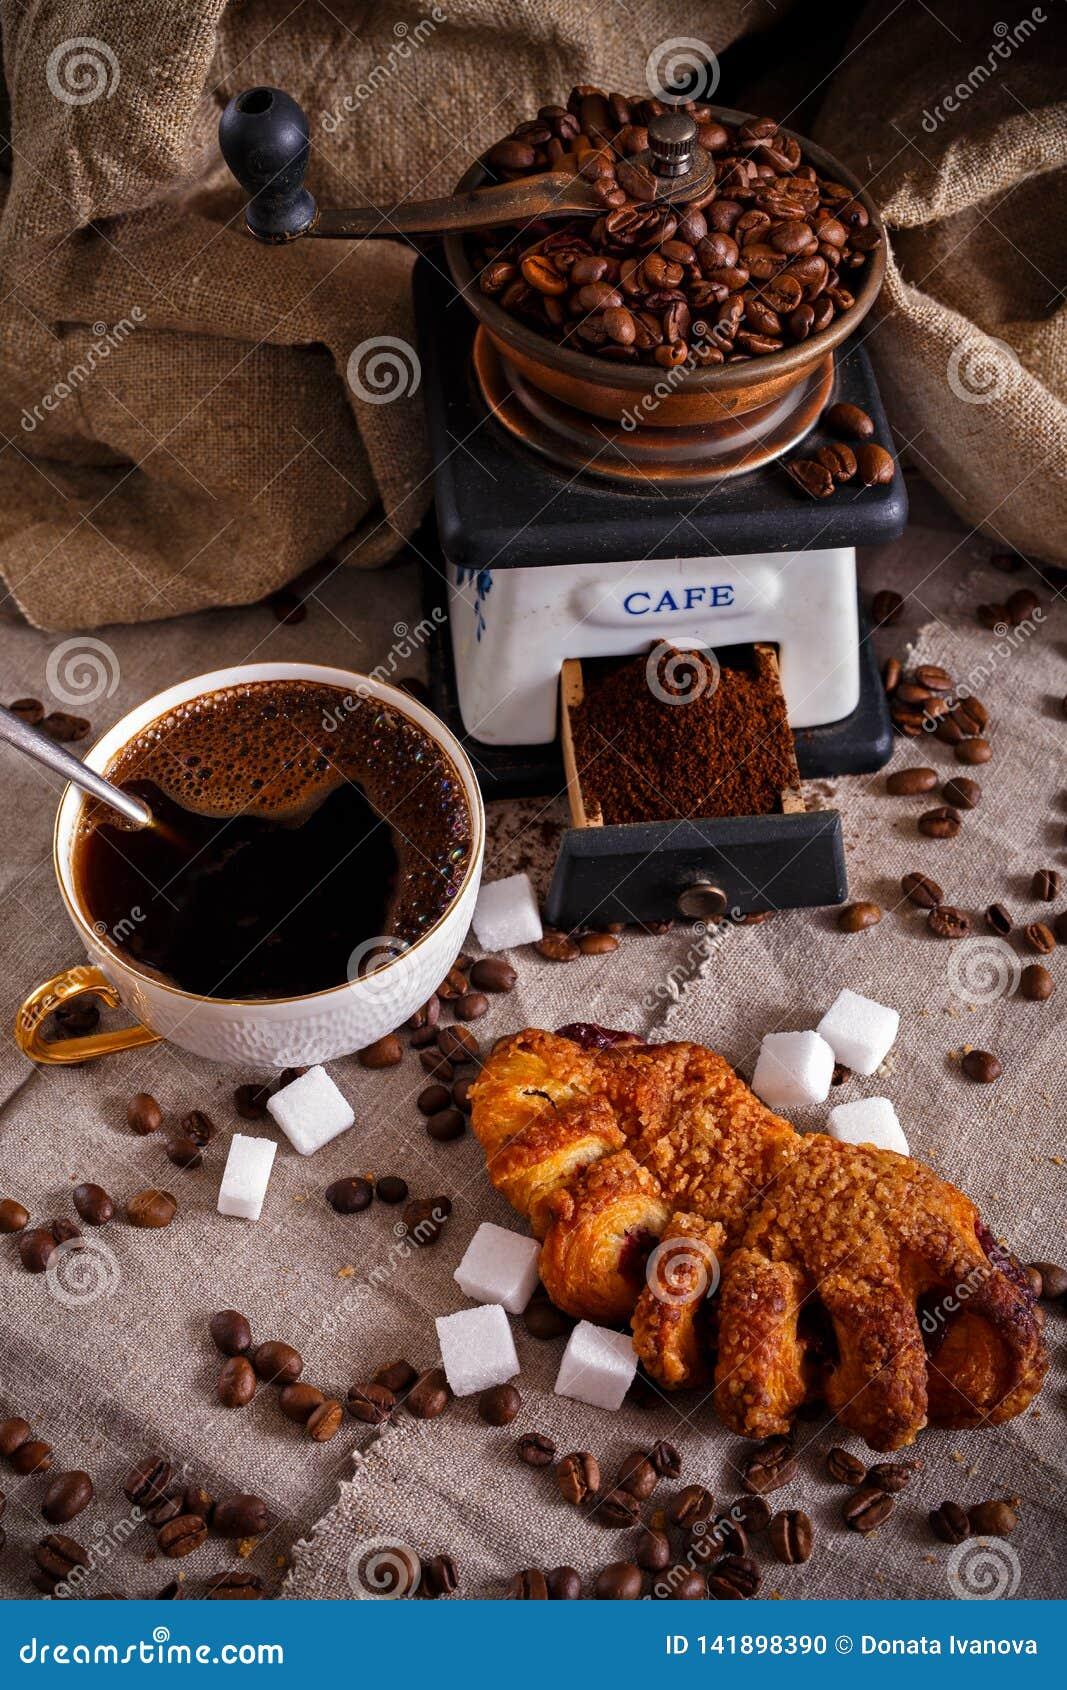 Чашка черного кофе с кренделем, мельницей кофе и разбросанными кофейными зернами на таблице покрытой с мешковиной